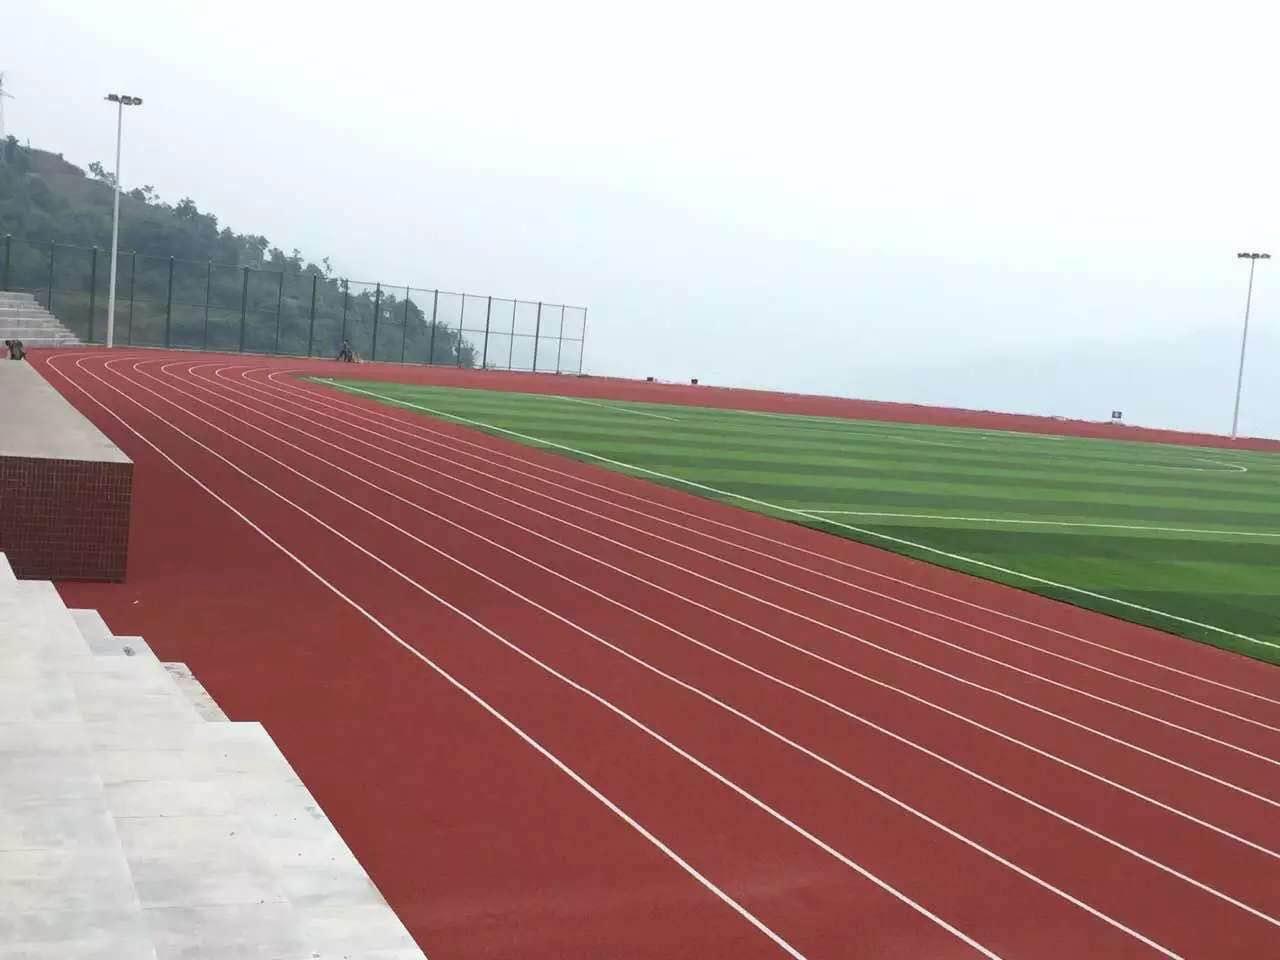 河南混合型塑胶跑道厂 福建健业体育设施工程供应